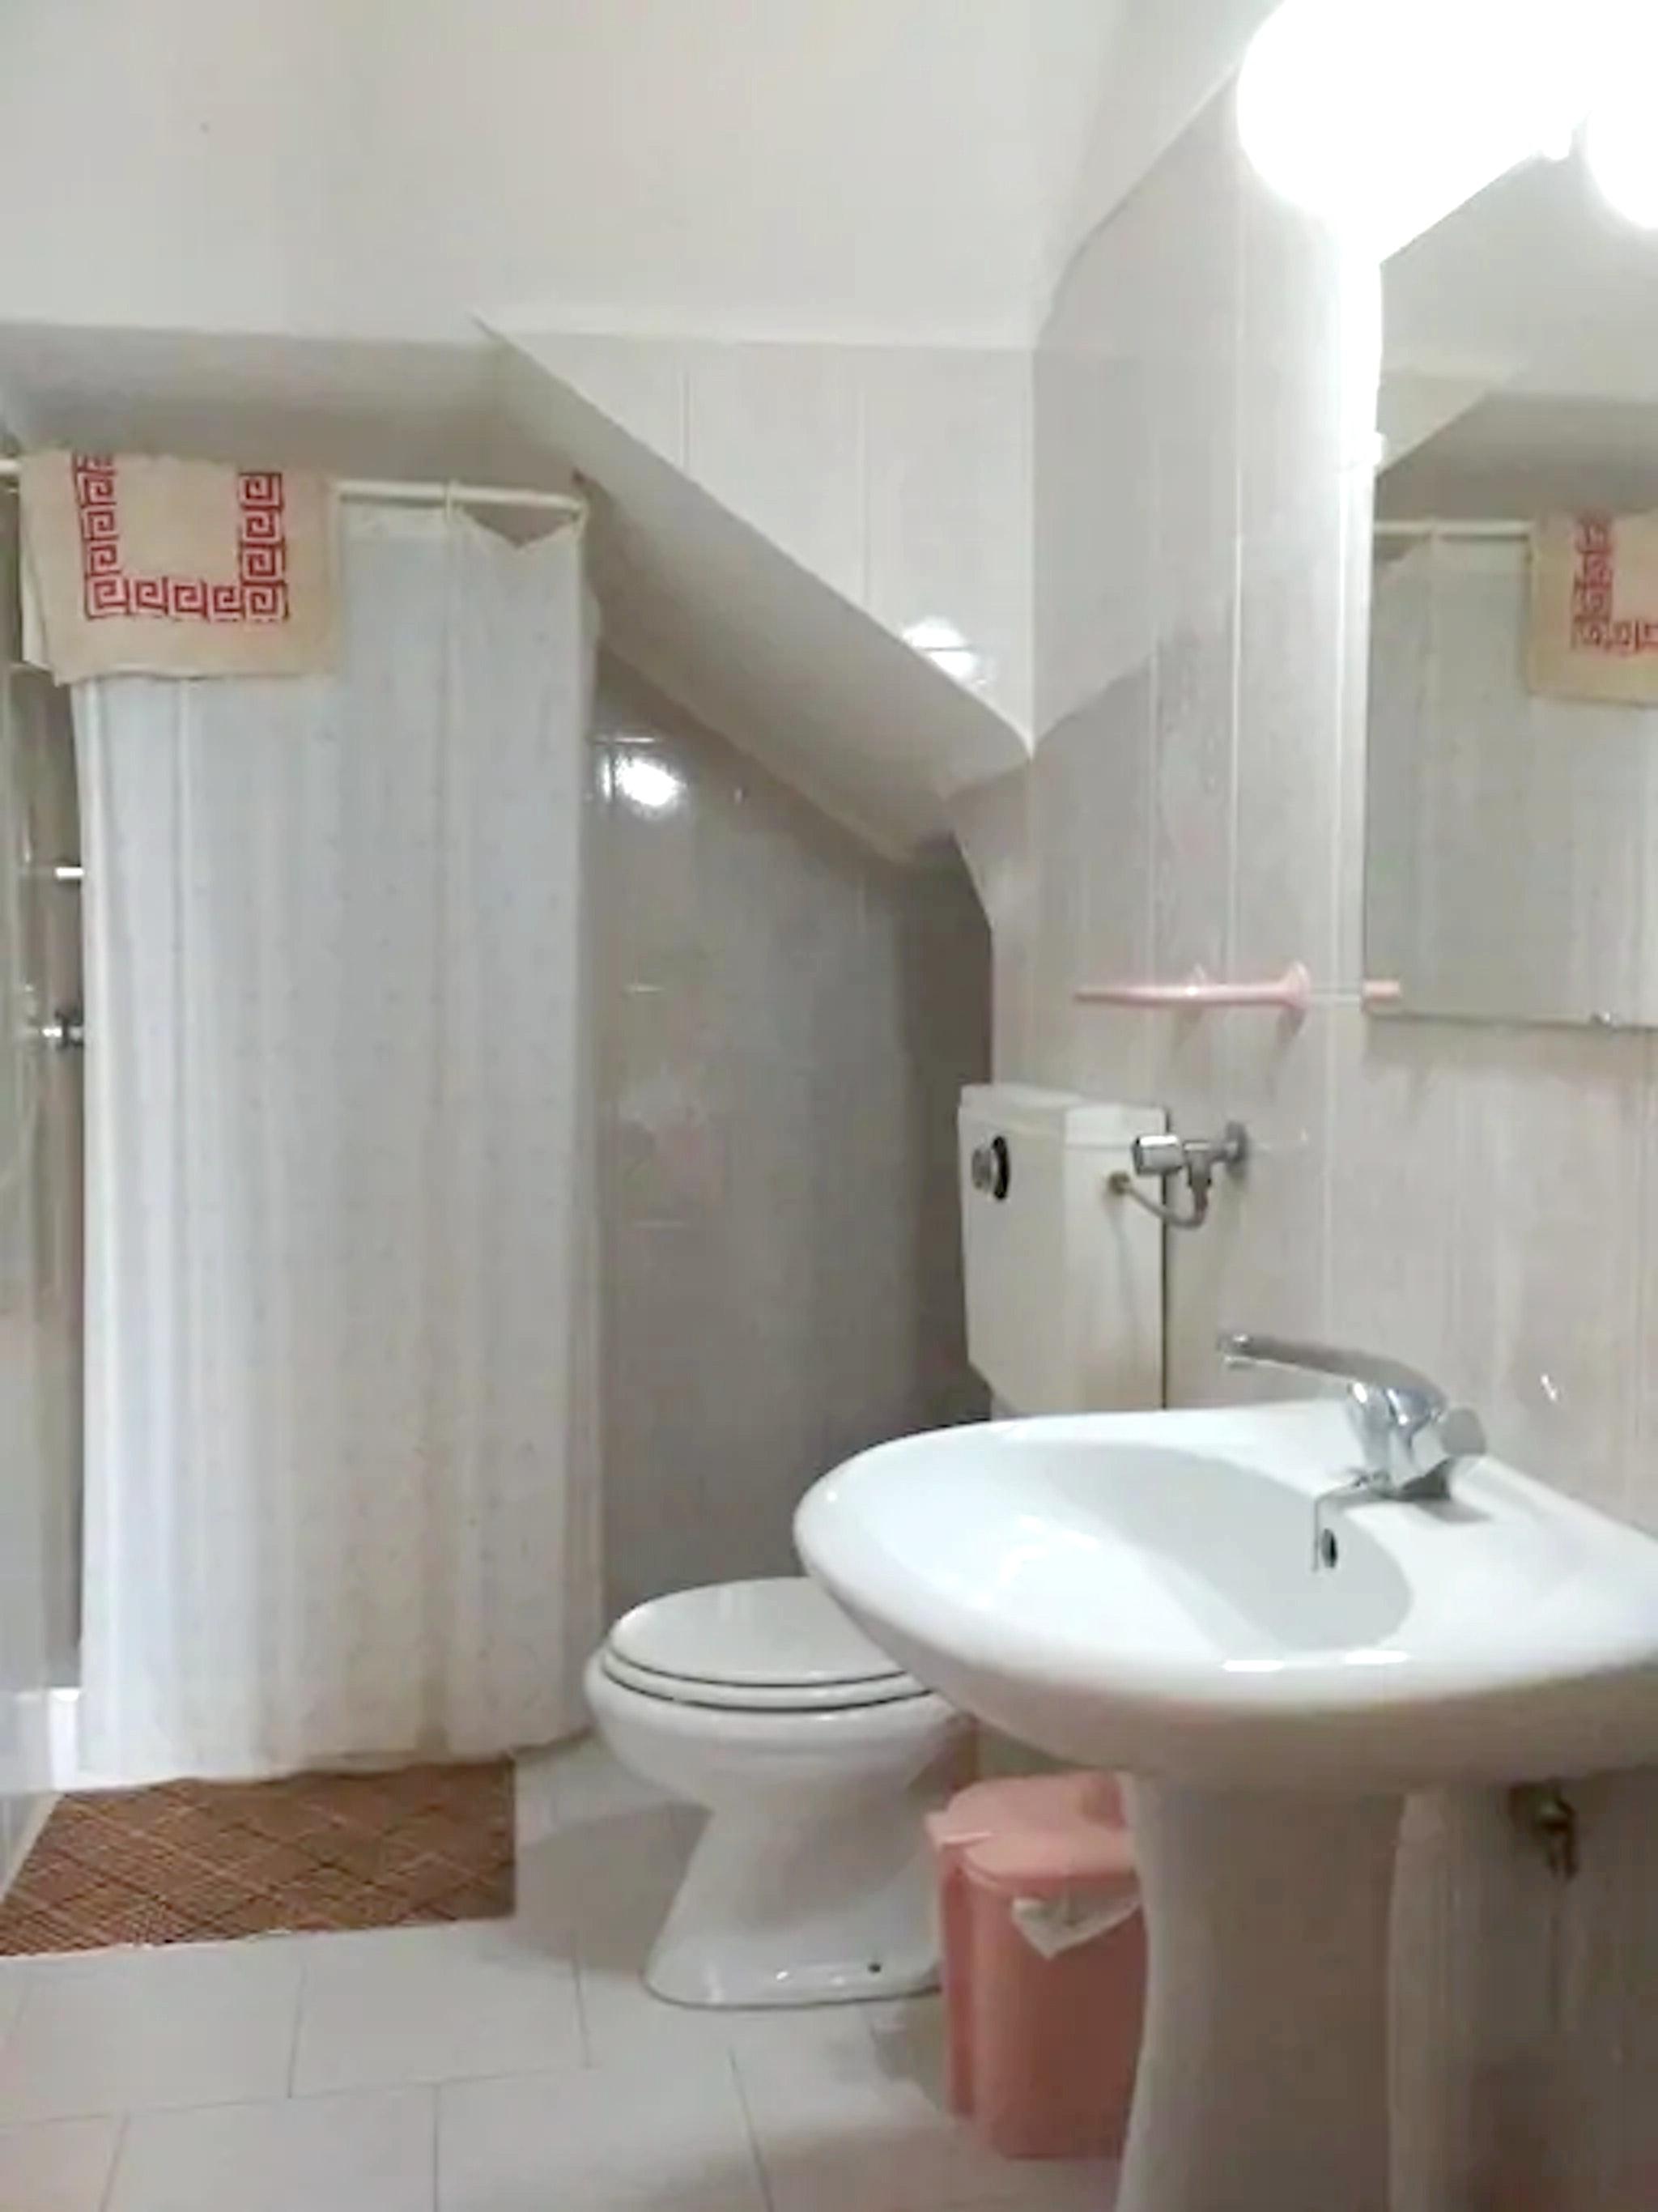 Ferienwohnung Wohnung mit 2 Schlafzimmern in Parchal mit Pool, Balkon und W-LAN - 1 km vom Strand entfer (2622202), Parchal, , Algarve, Portugal, Bild 6